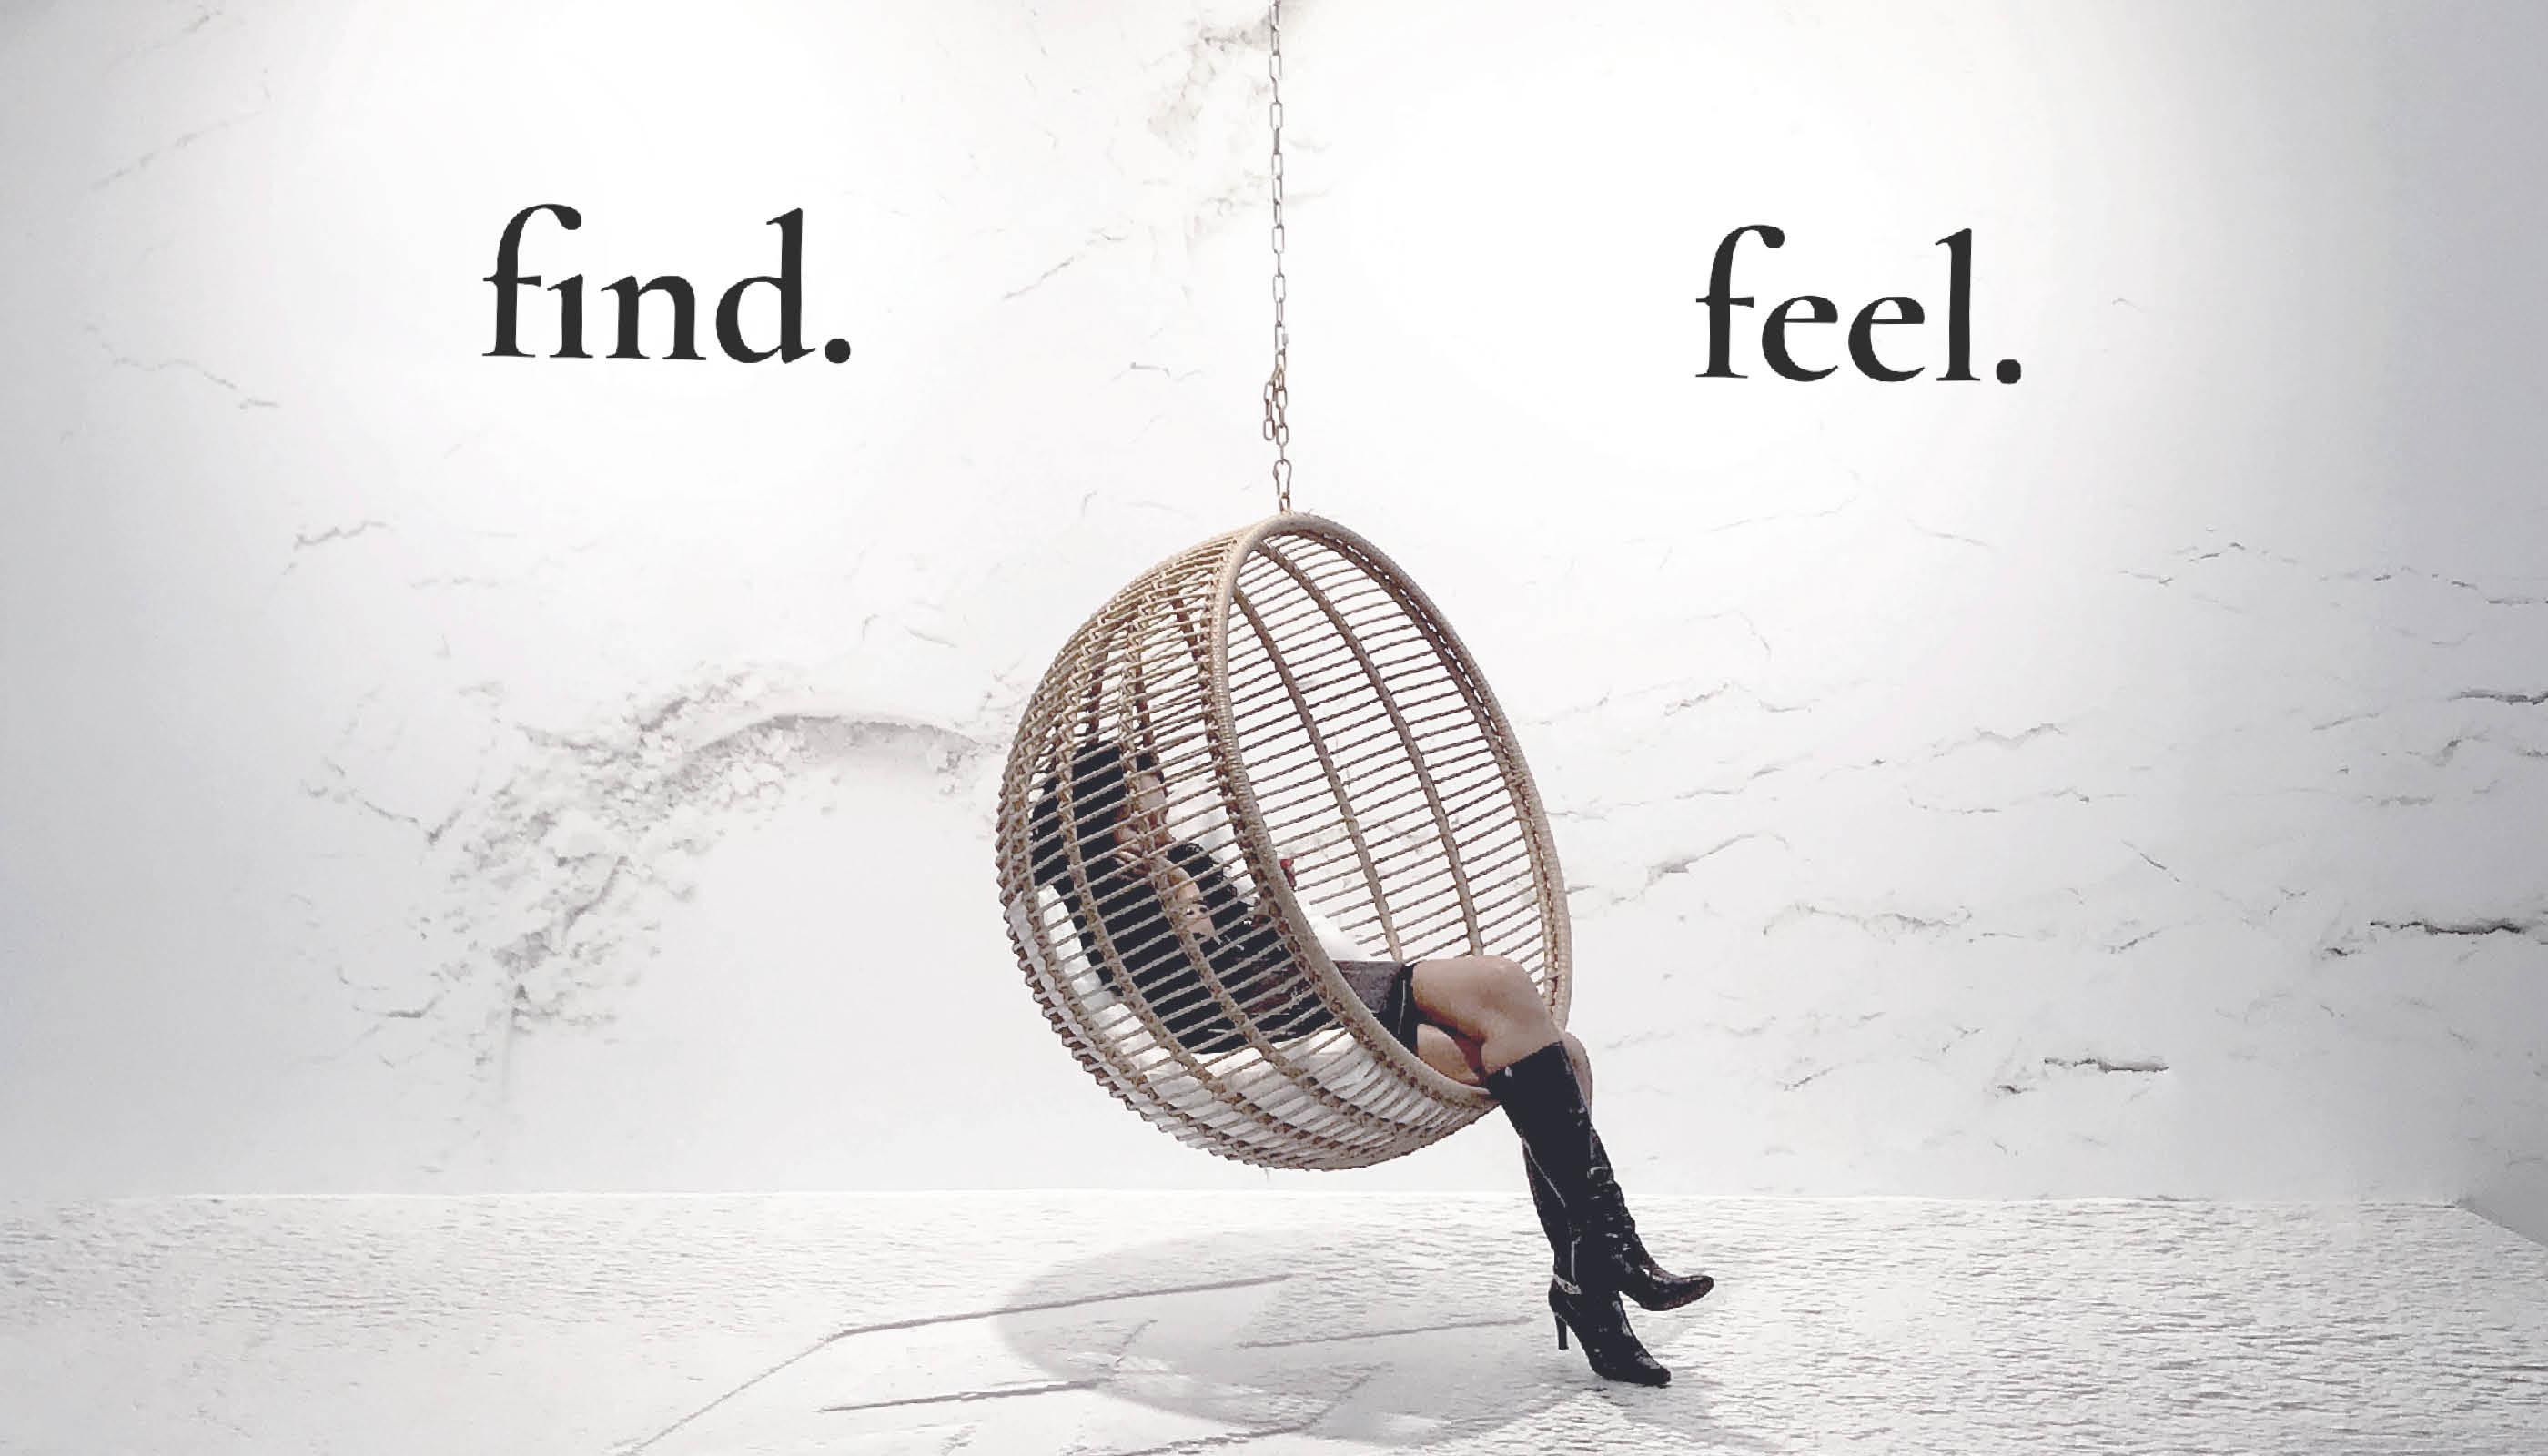 GG_find_feel_08